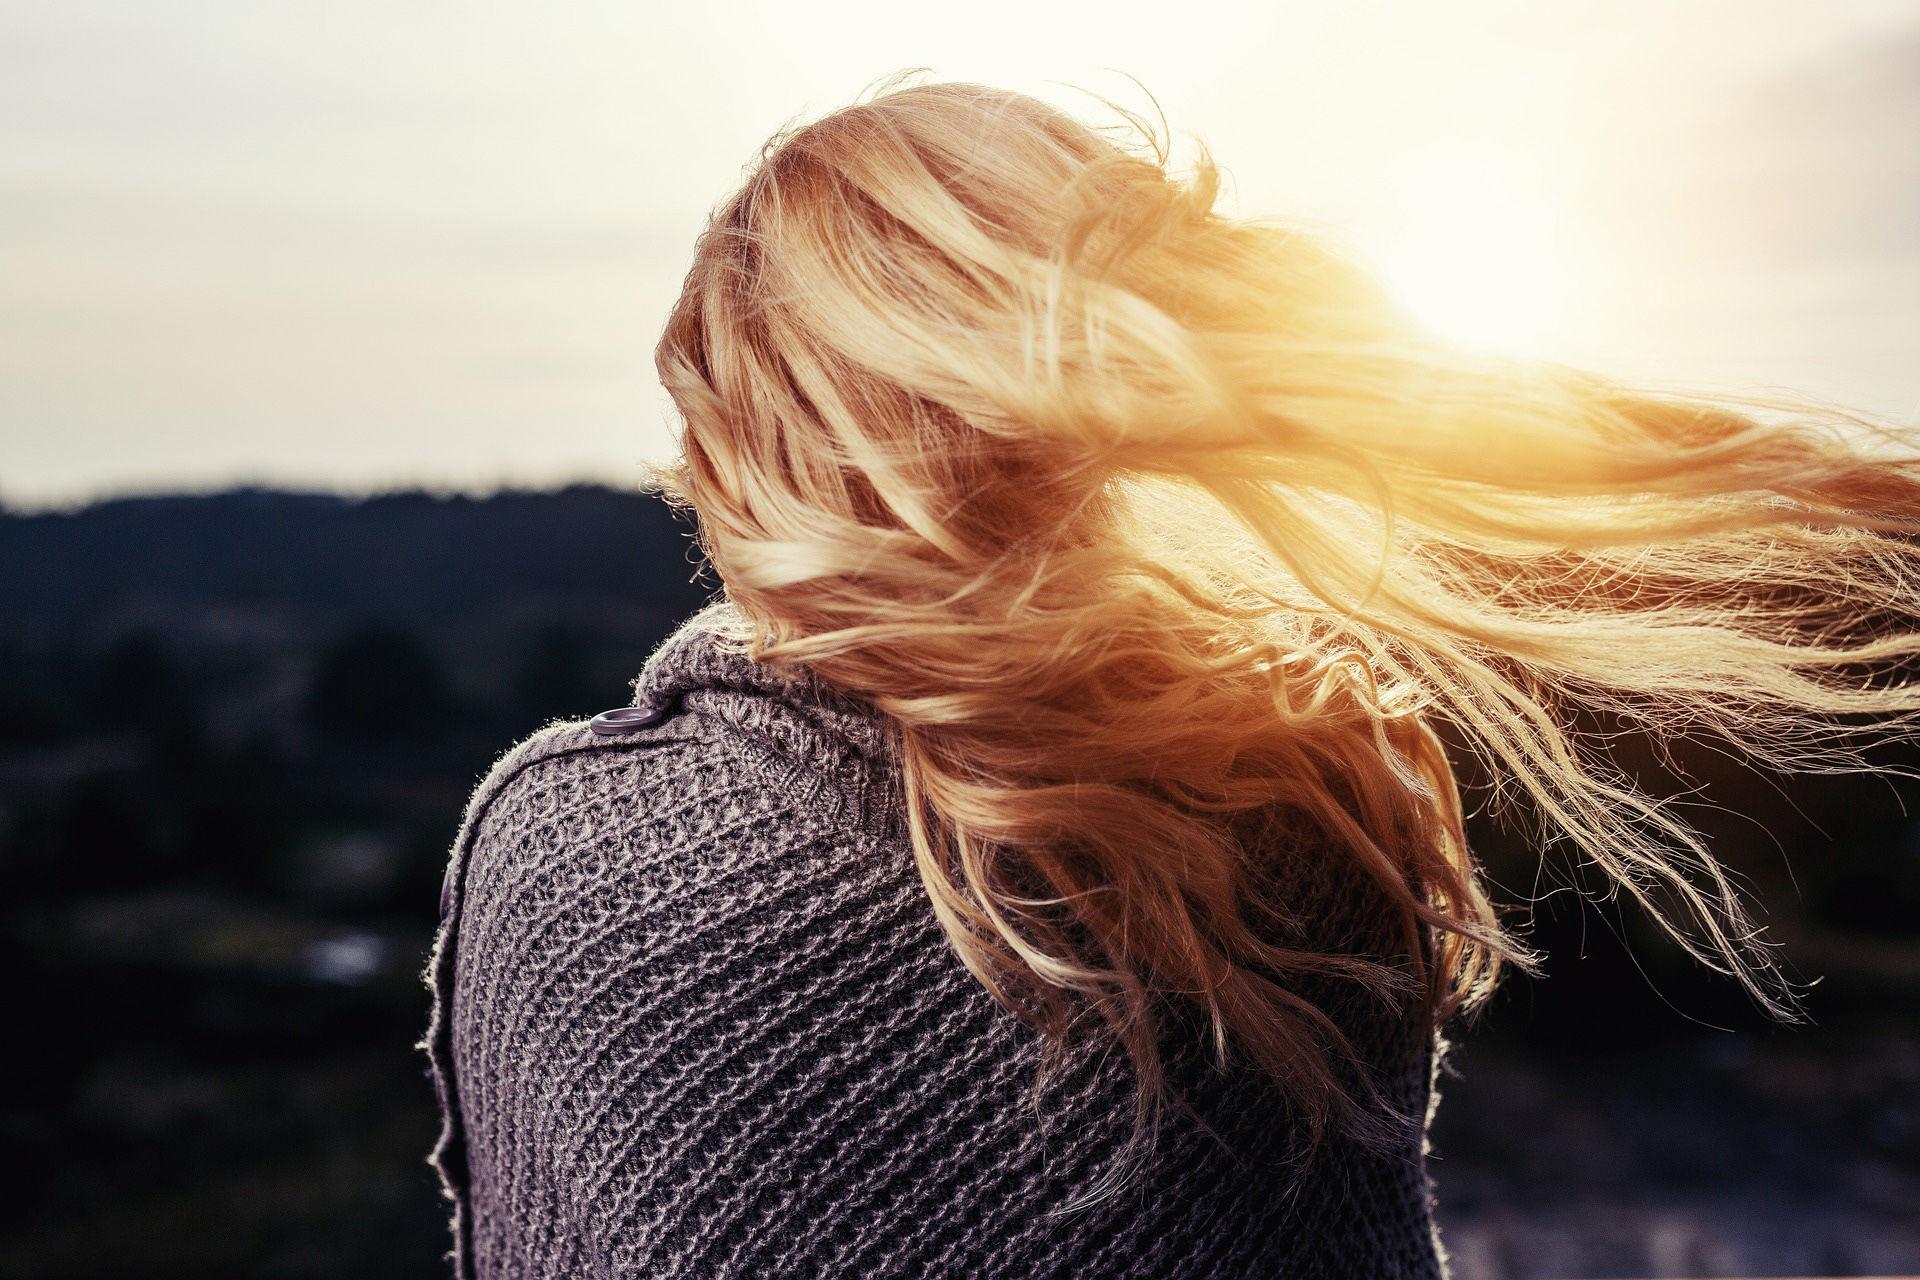 Naisen vaaleat hiukset hulmuavat tuulessa.